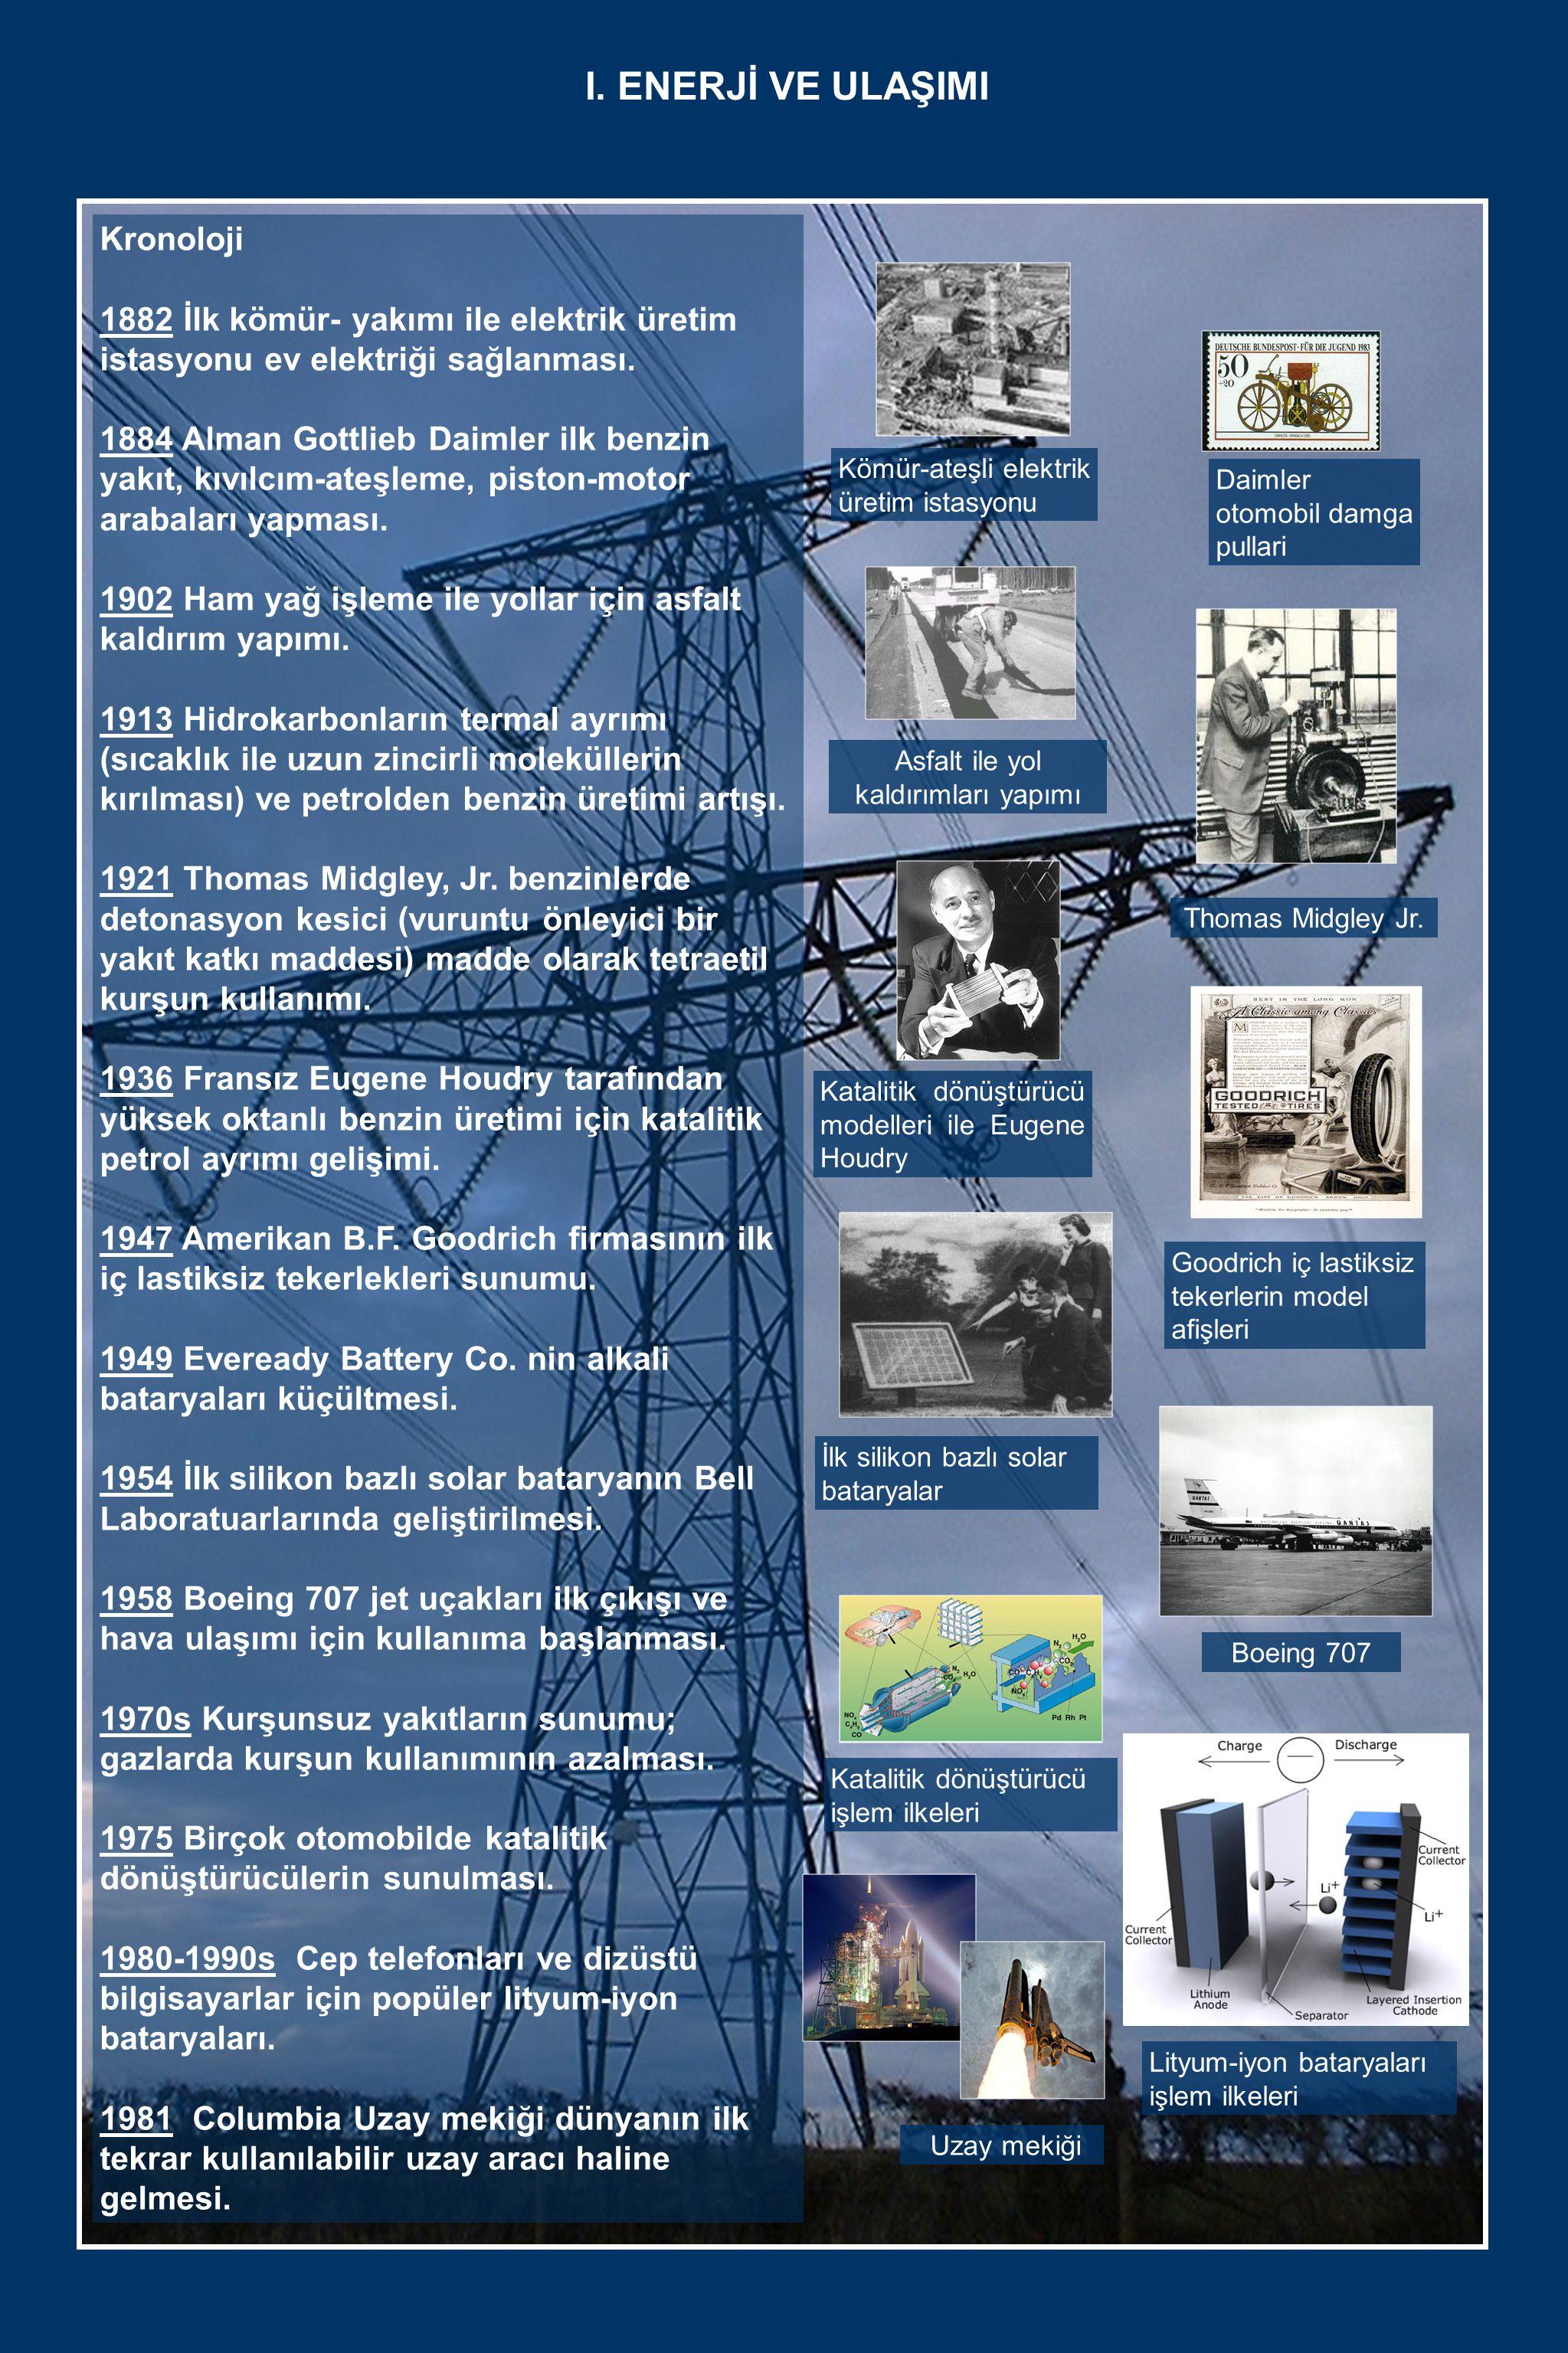 Kronoloji 1882 İlk kömür- yakımı ile elektrik üretim istasyonu ev elektriği sağlanması. 1884 Alman Gottlieb Daimler ilk benzin yakıt, kıvılcım-ateşlem